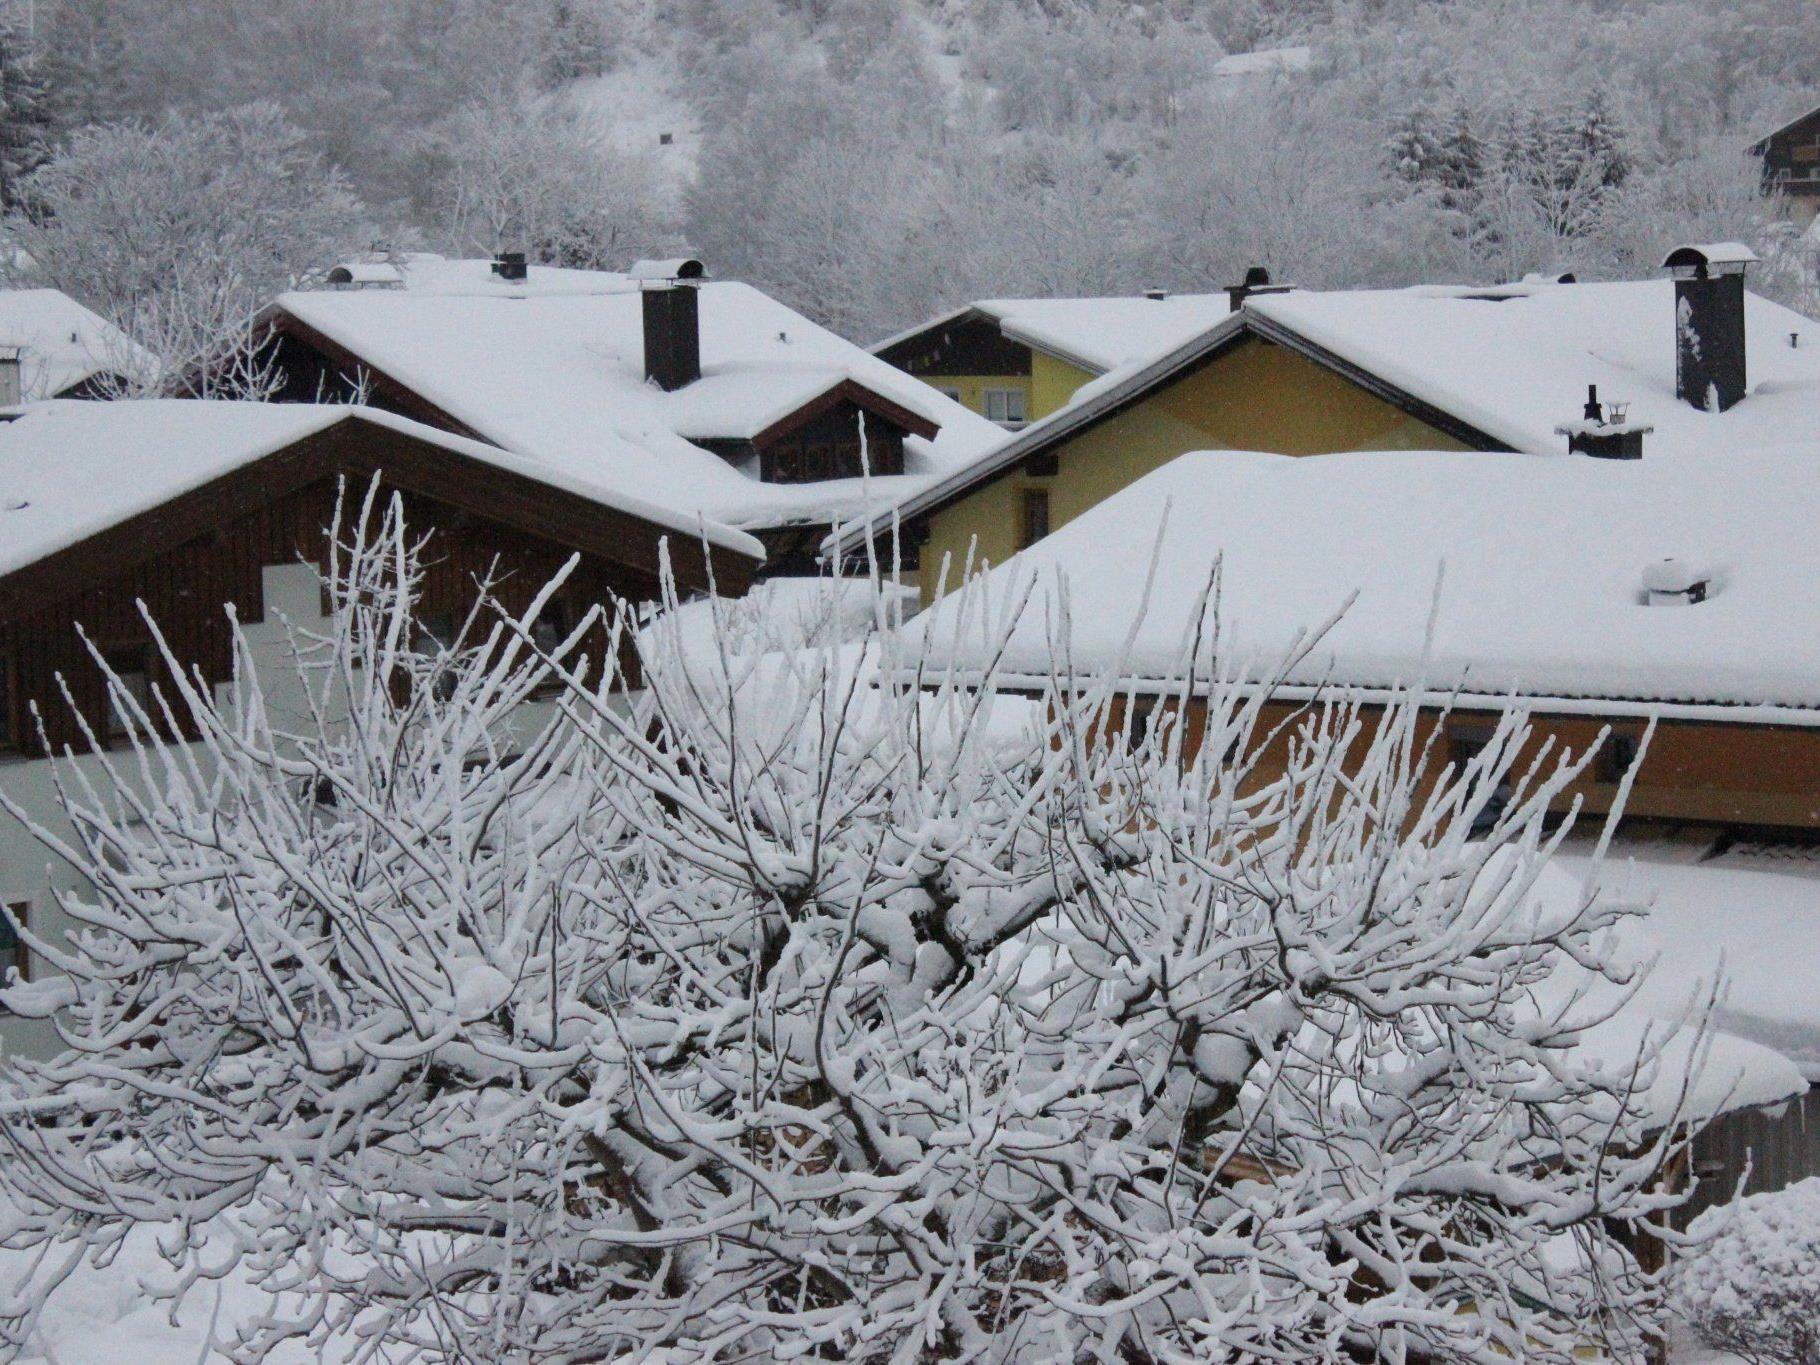 Mittlerweile macht auch die Schneelast auf den Hausdächern Probleme.